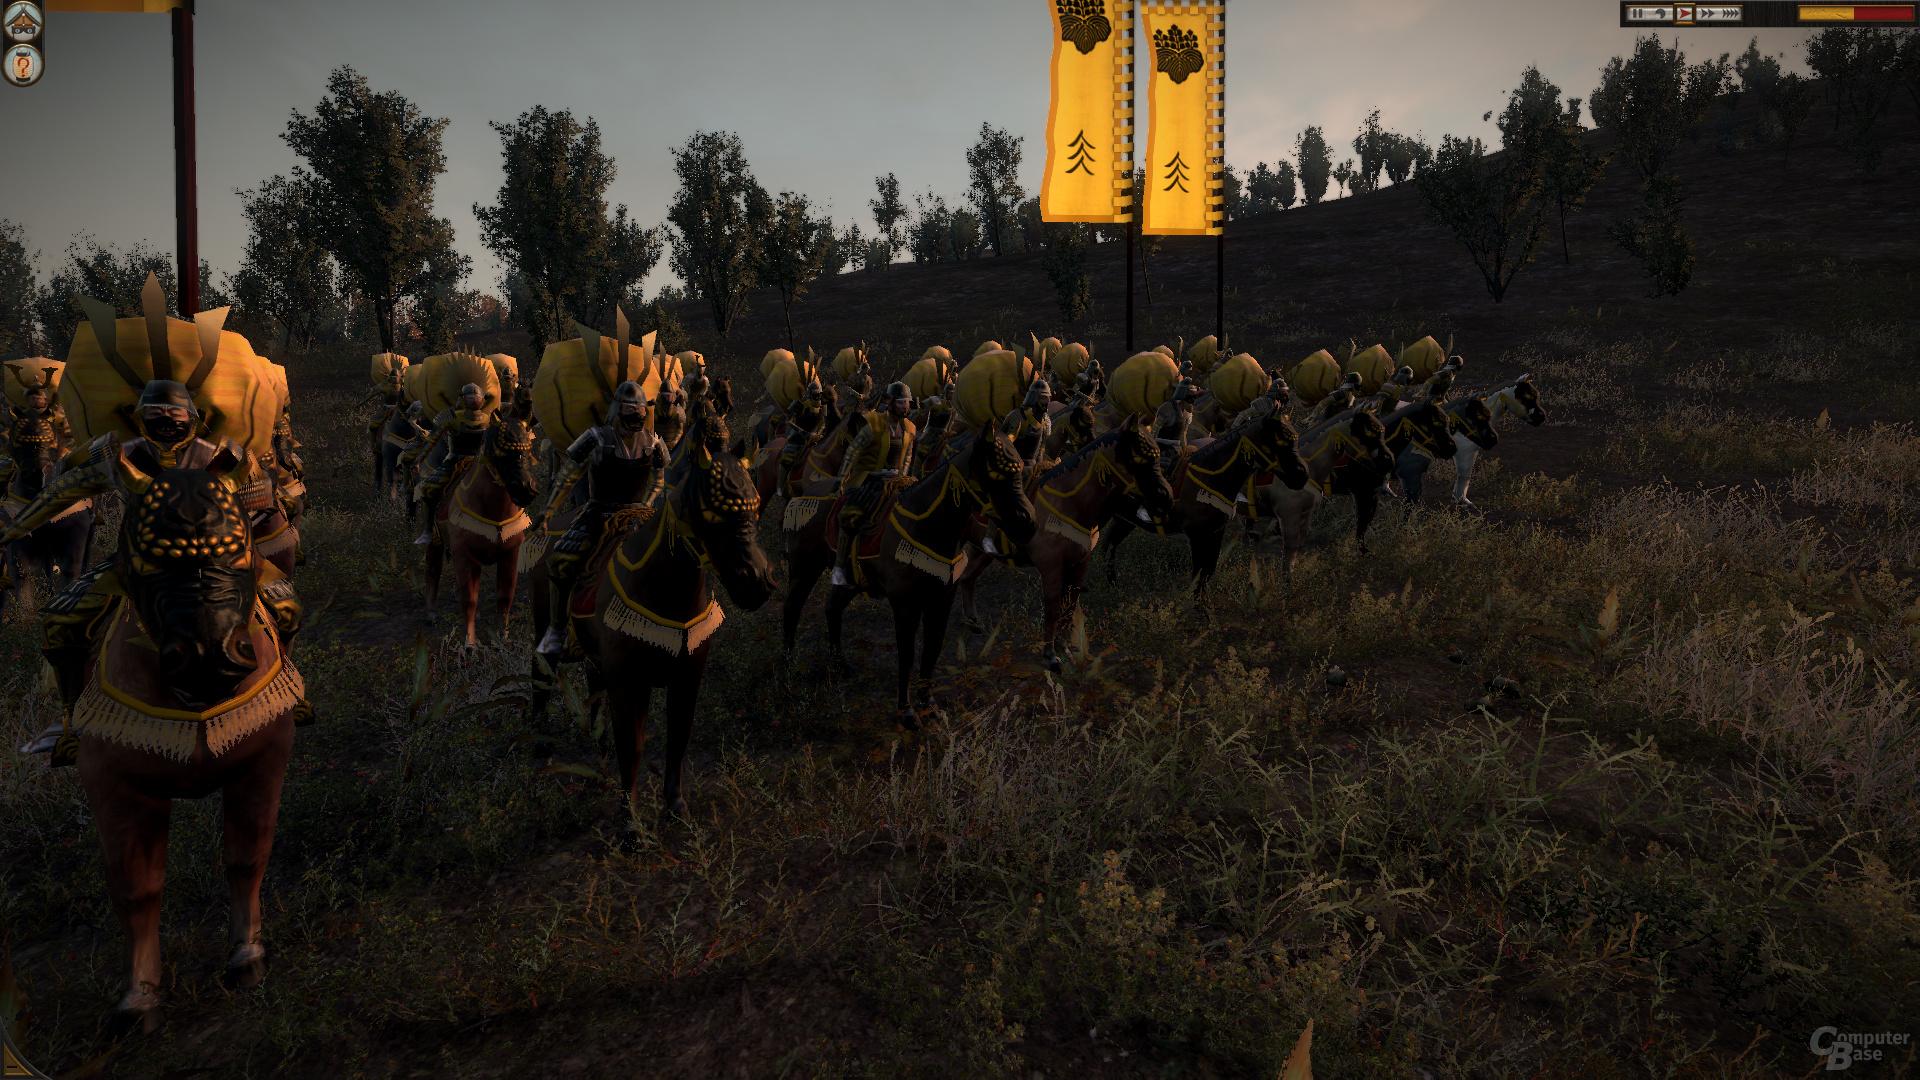 Total War: Shogun 2, reduzierte Details, DX11